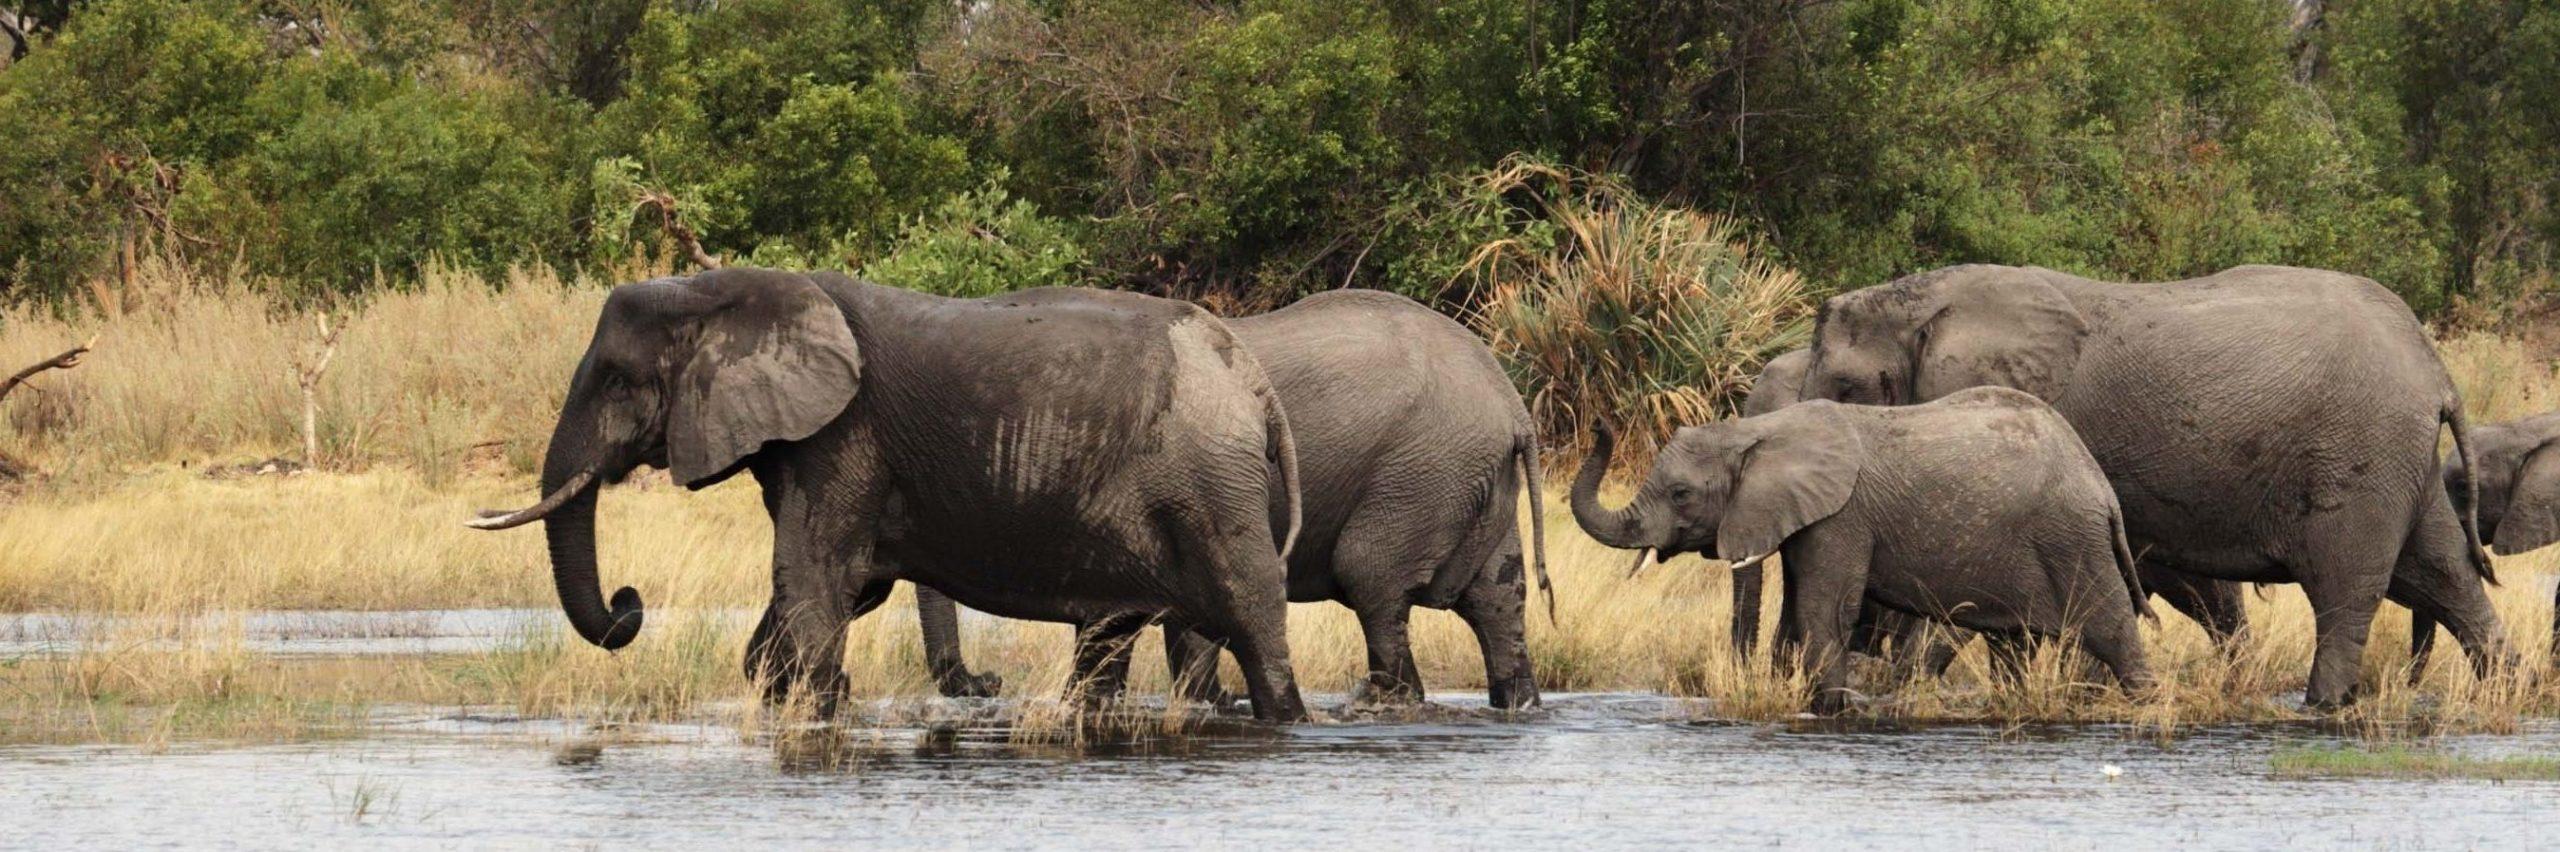 Elephants (Loxodonta africana) in the Okavango Delta, Botswana. - Image